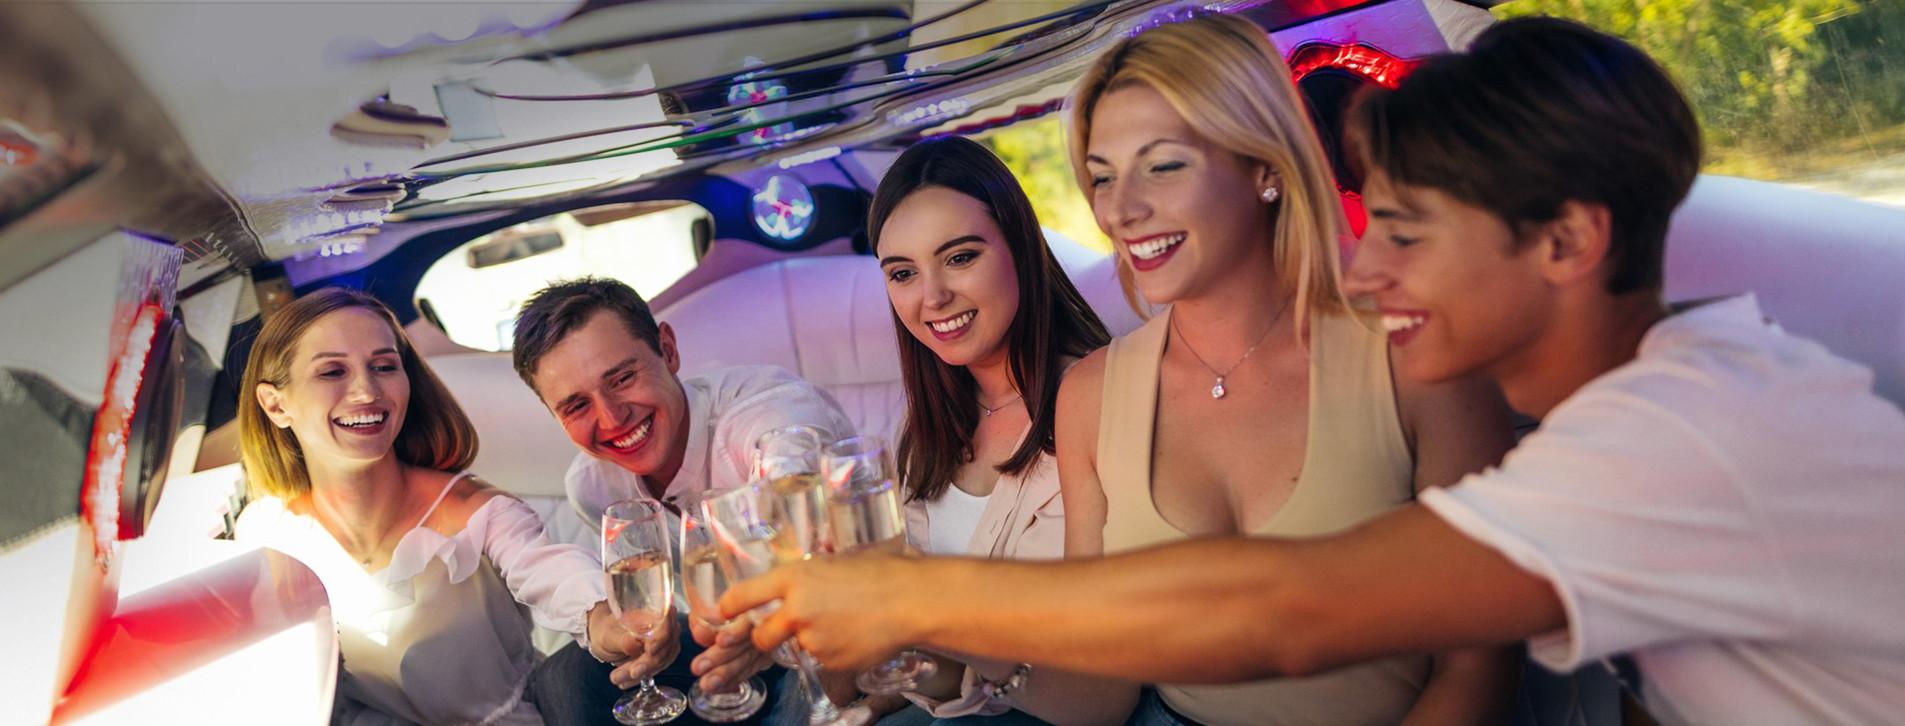 Фото 1 - Вечеринка в лимузине